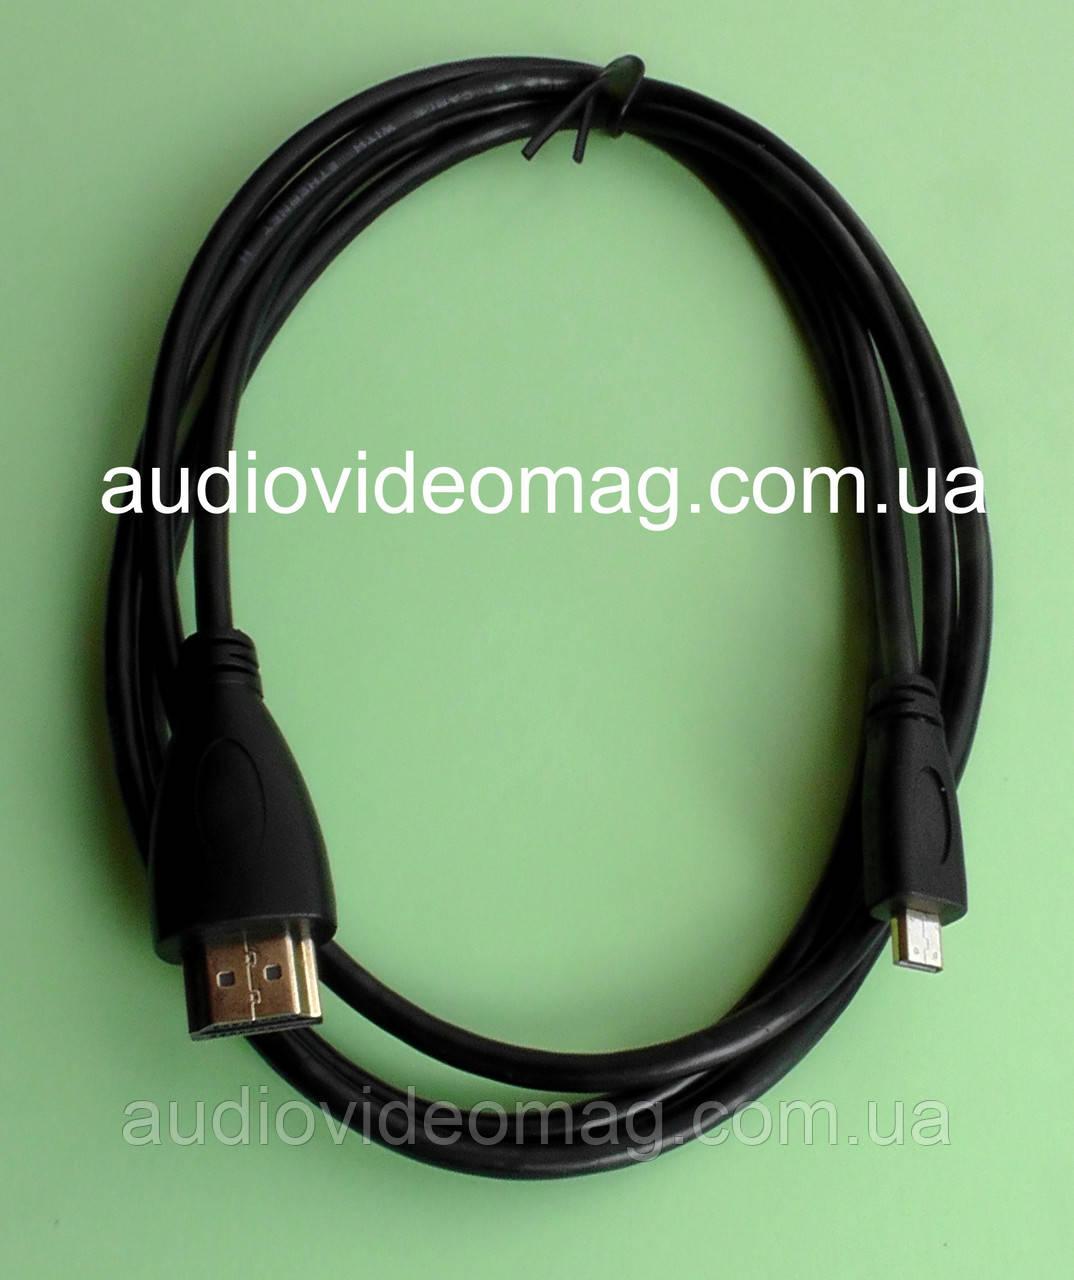 Кабель HDMI на micro HDMI, длина 1.5 метра